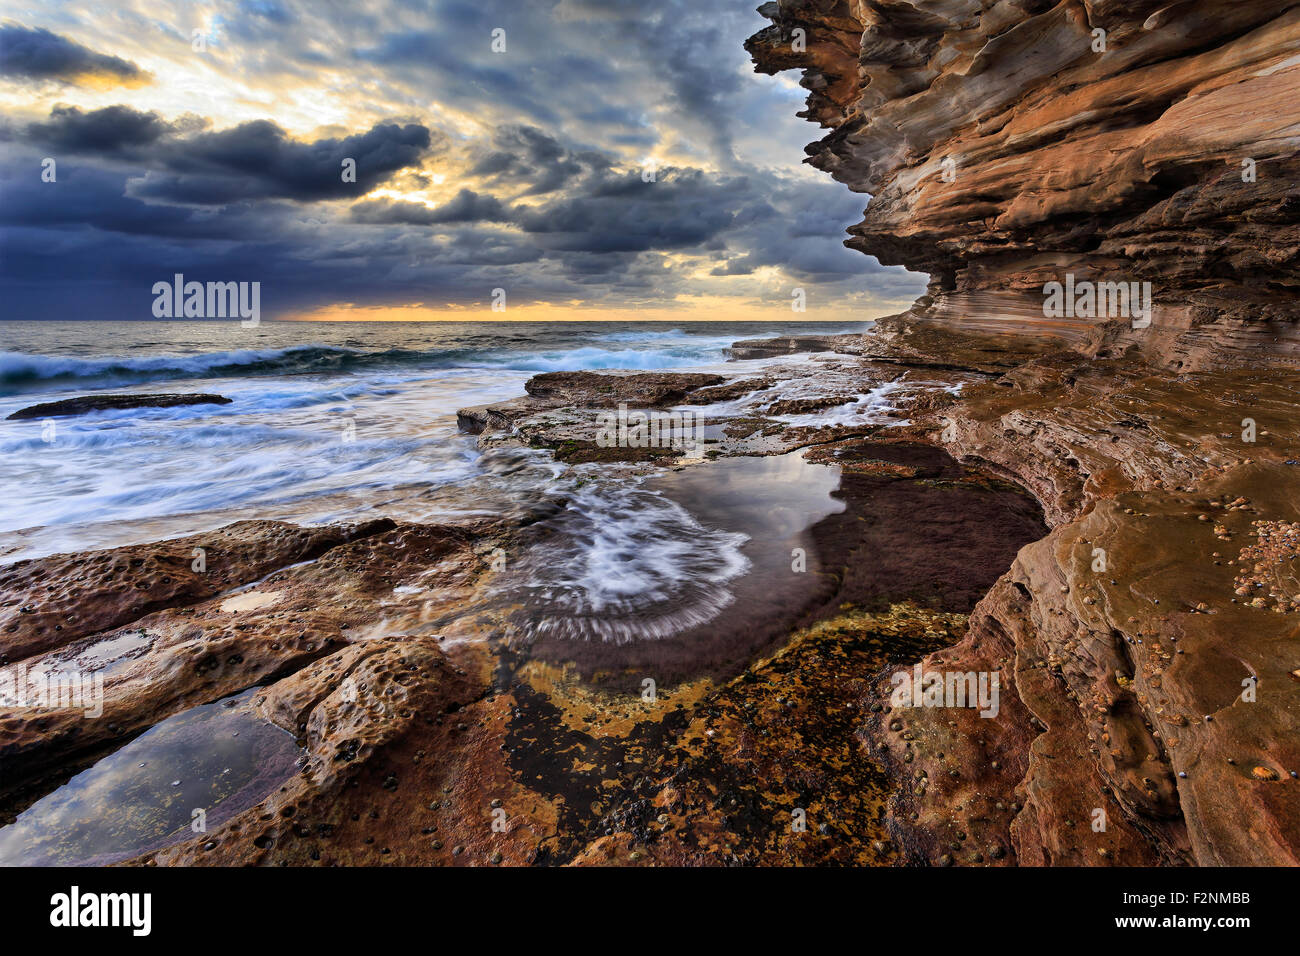 natürliche Sandstein Felsen bilden hoch steigenden Landschaft am Meer Rand der Küstenlinie in Sydney, Stockbild